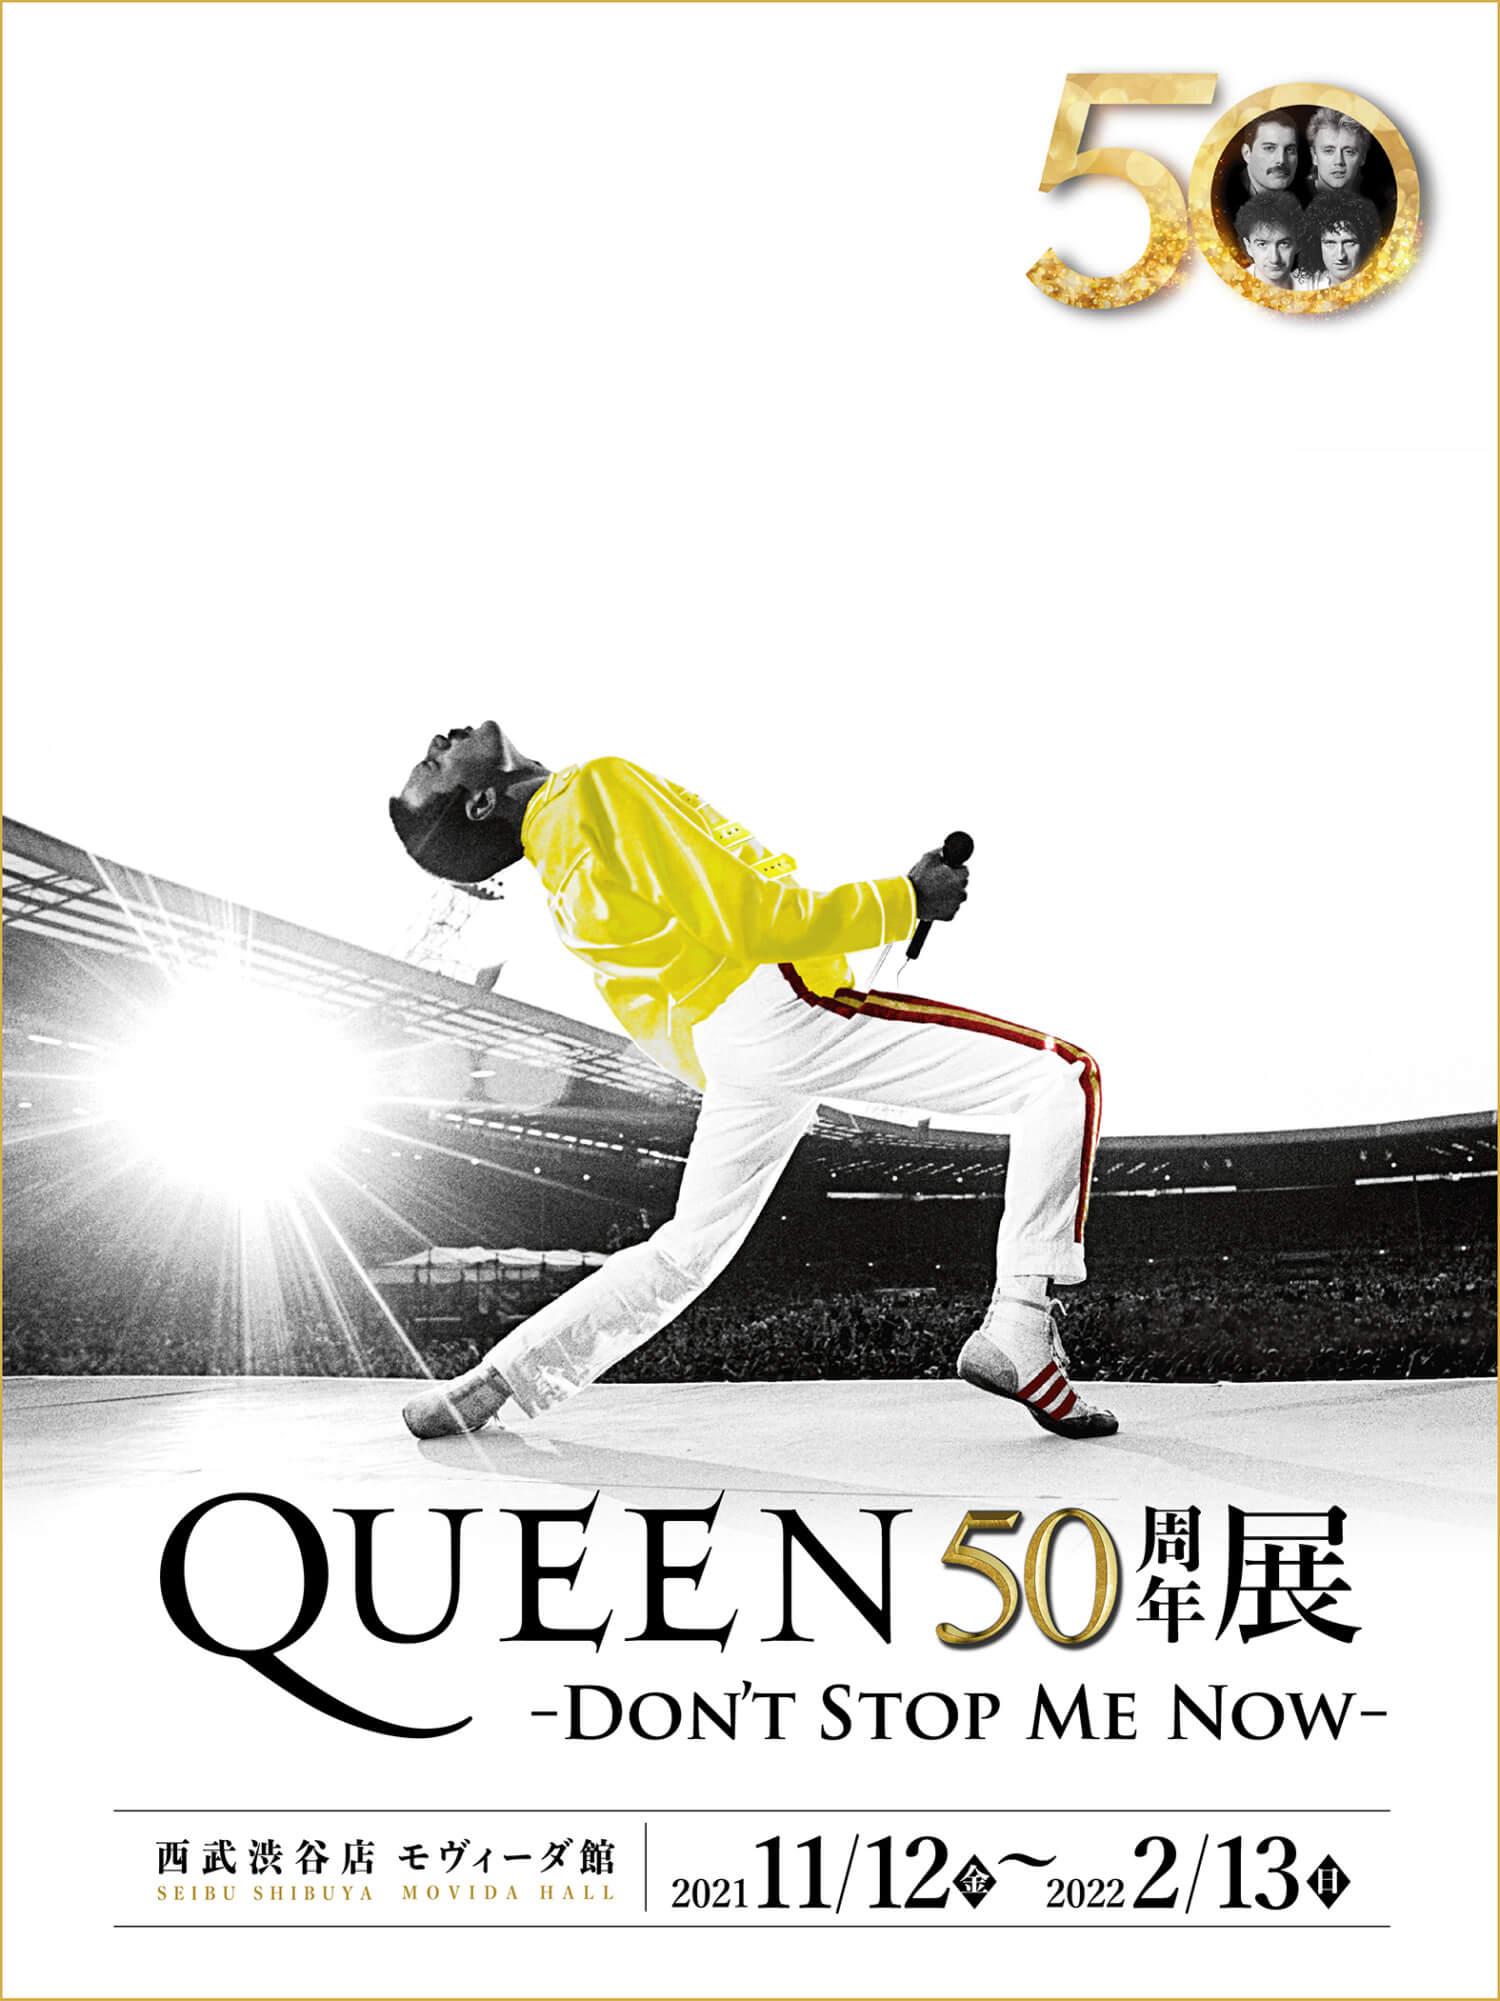 『QUEEN50周年展 -DON'T STOP ME NOW-』メイン画像